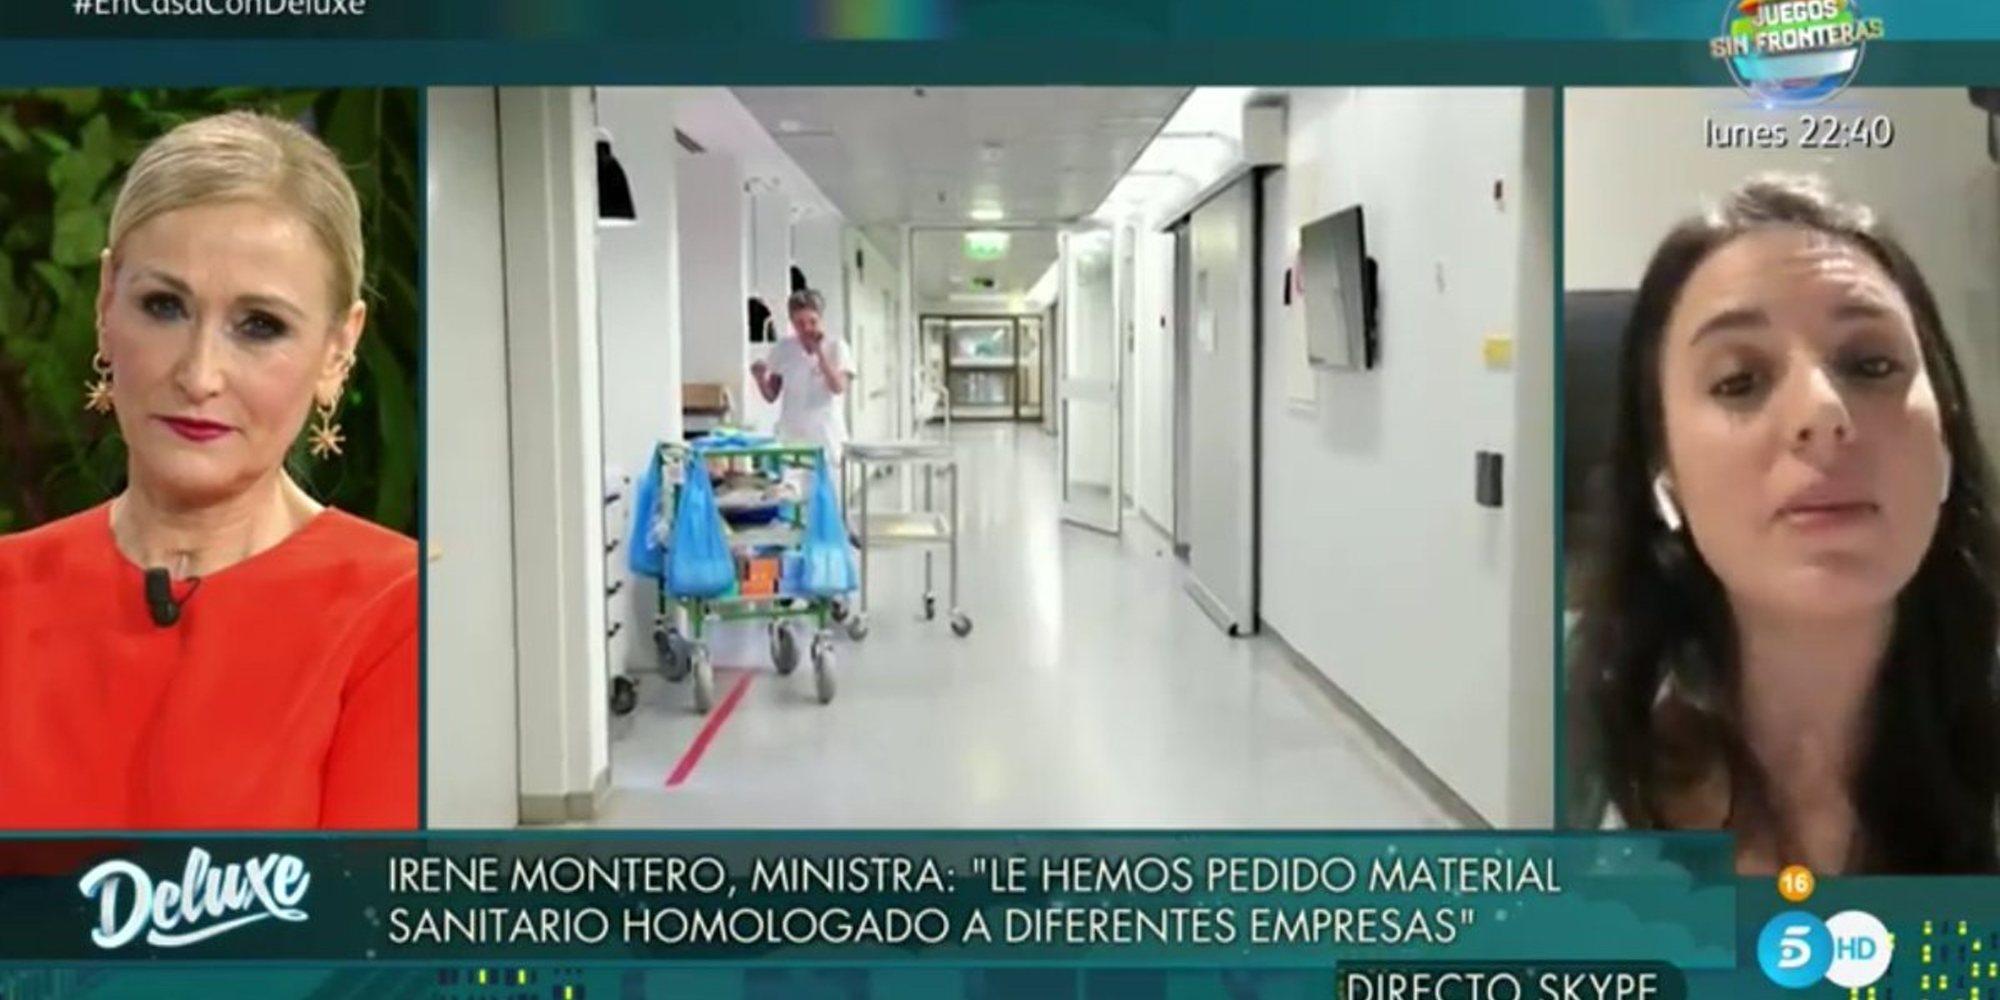 Críticas a Cristina Cifuentes por los reproches a Irene Montero en 'Sábado Deluxe'